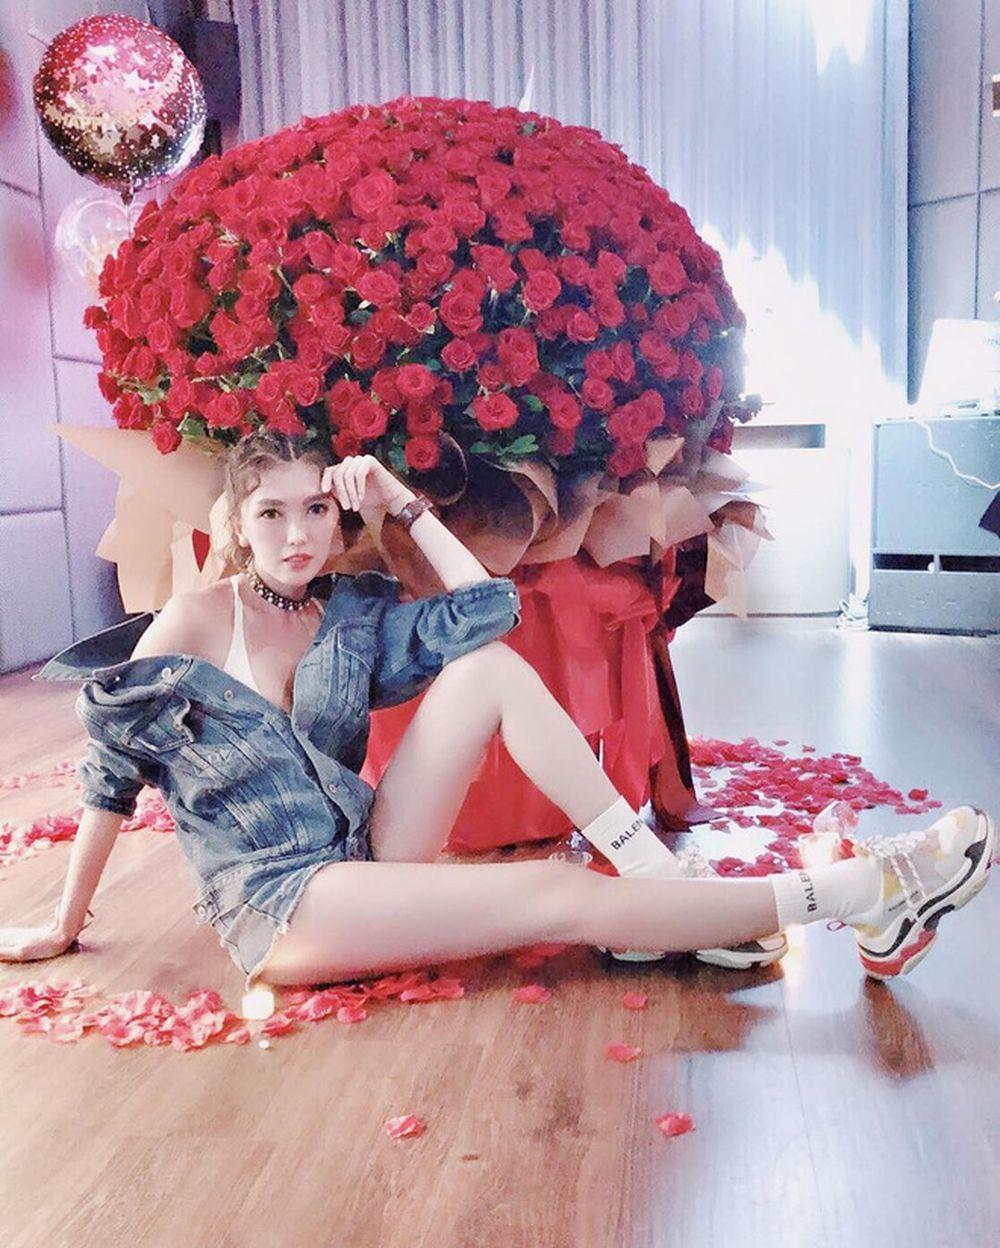 """Tiền Soái Quân đăng tải hình ảnh bó hoa hồng khổng lồ kèm lời khẳng định:  """"Cuối cùng chồng yêu cũng cầu hôn"""". Cô còn khoe thêm: """"Anh ấy đã mua tất ..."""